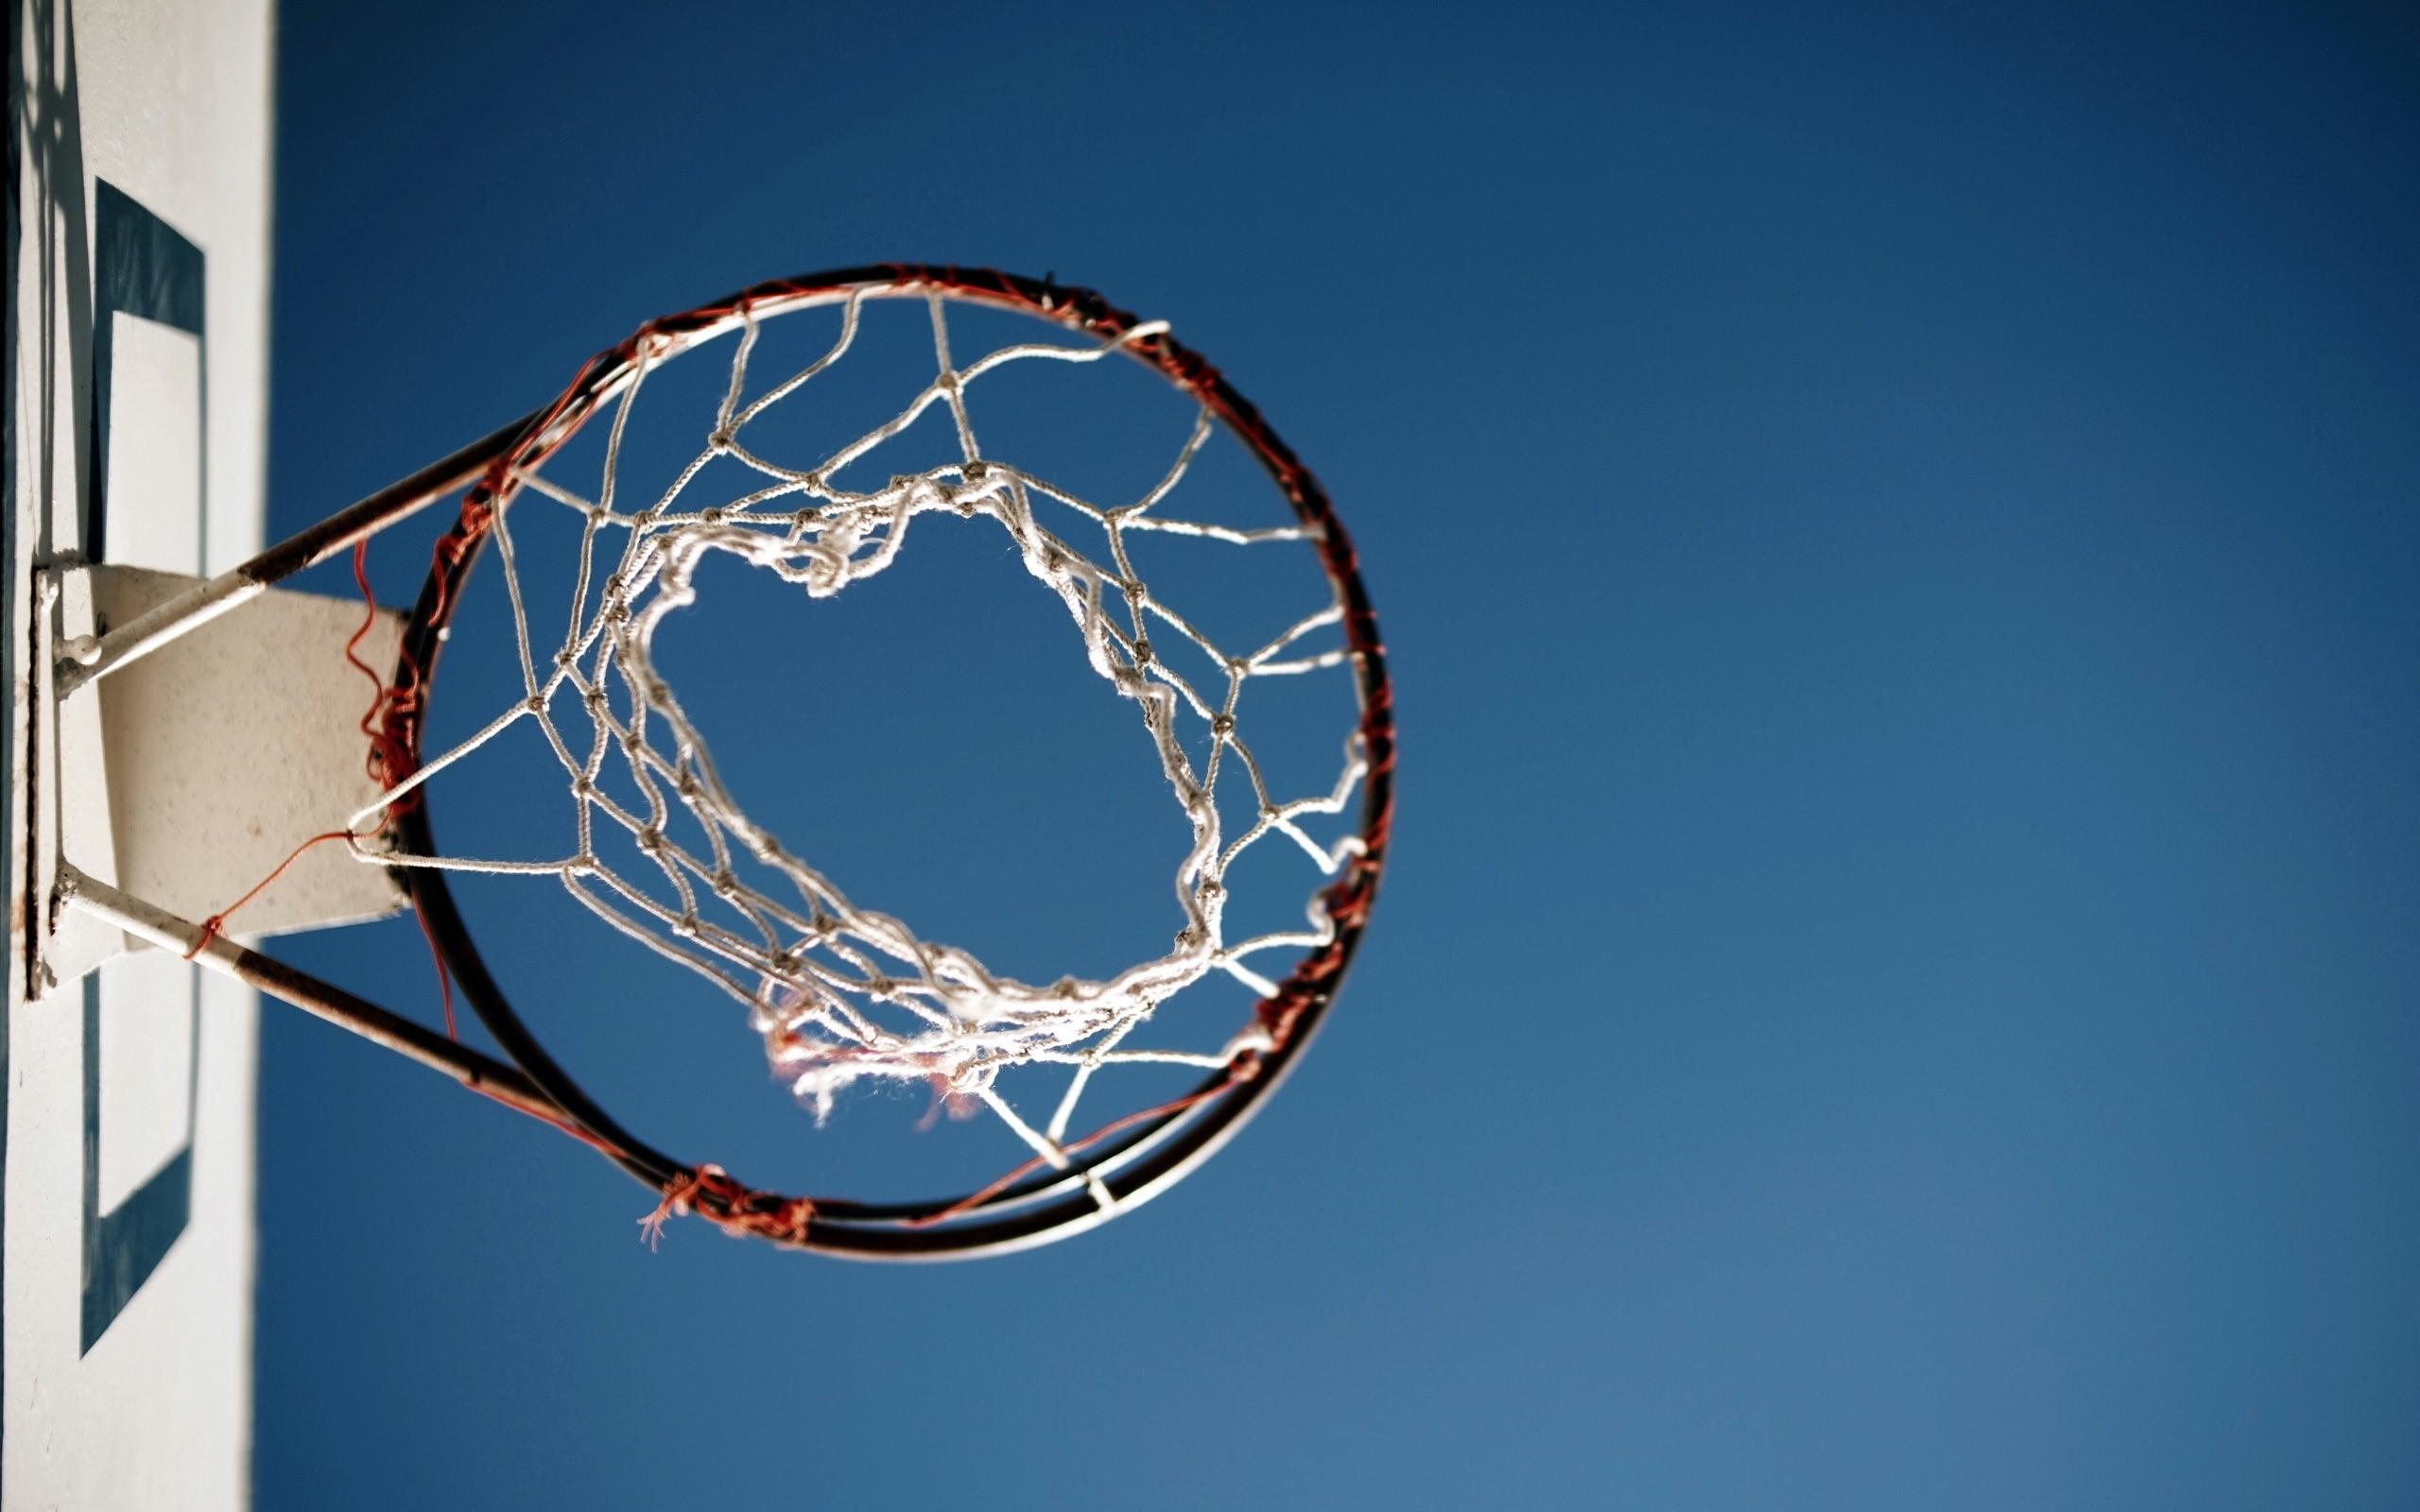 Fondos de pantalla Cesta de basquetbol